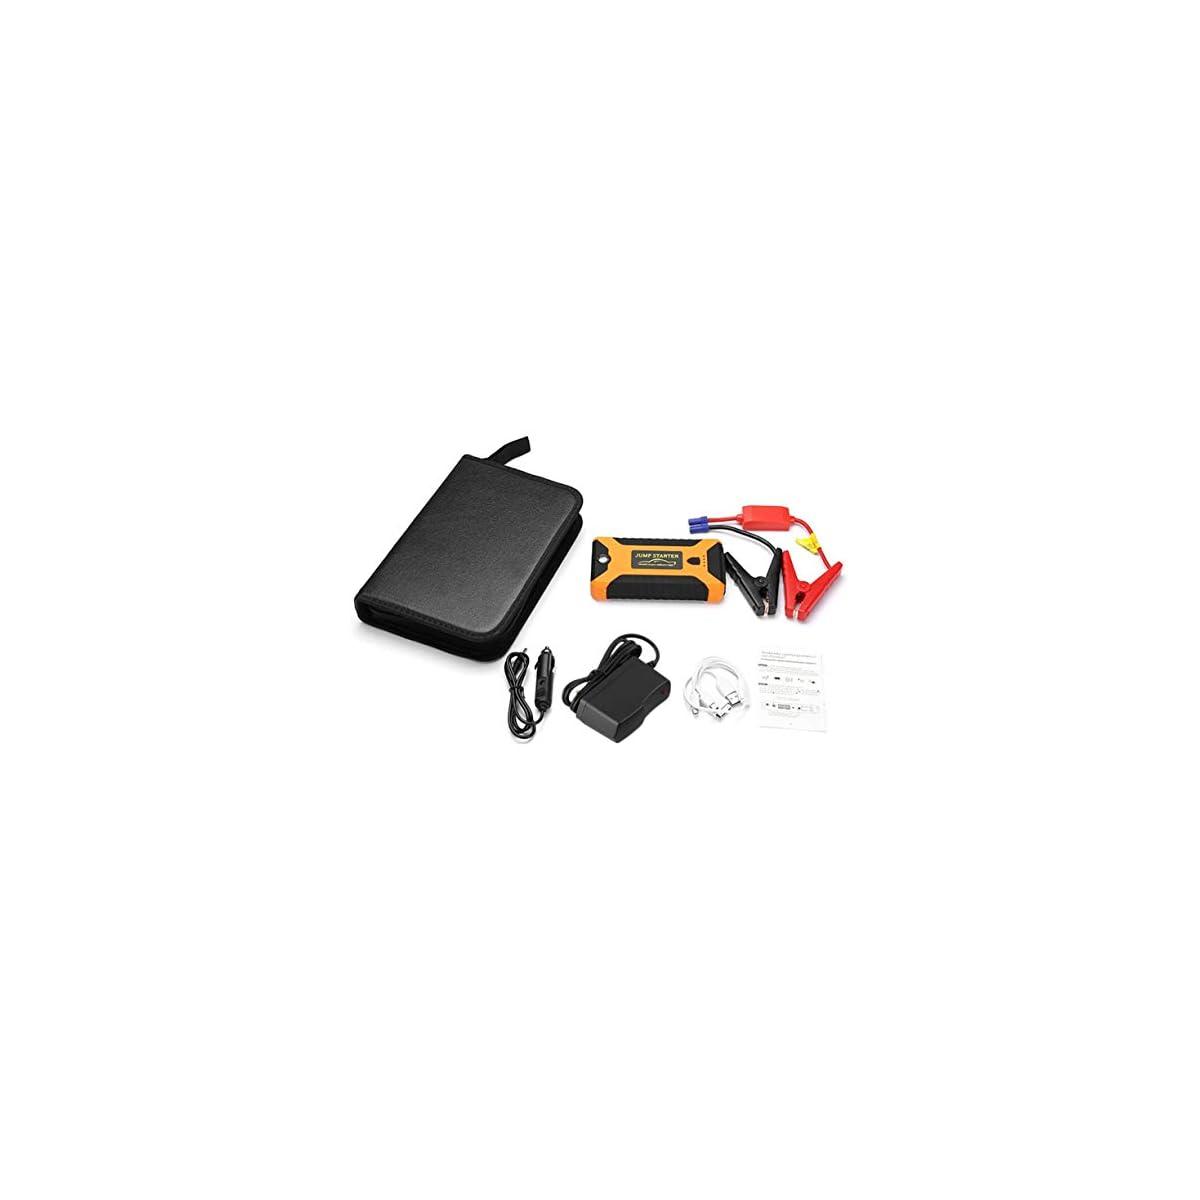 4197tn%2BSkKL. SS1200  - Detectoy 22000mAh Multifunción Jump Starter Battery Emergency Car Fuente de alimentación 12V LCD Digital Engine Booster Banco de Potencia para portátil